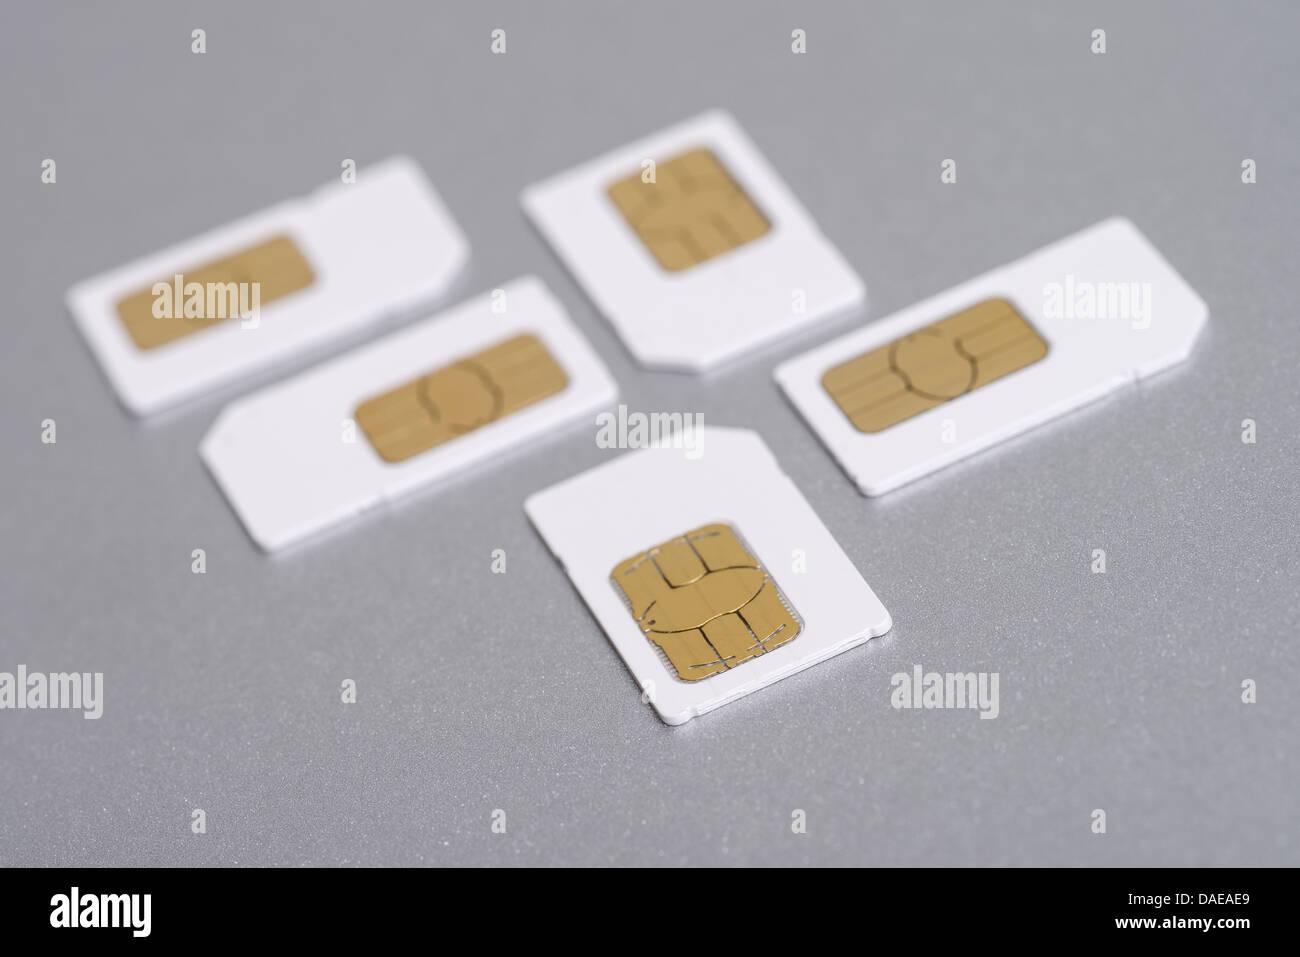 Cinque telefono cellulare full size carte SIM Immagini Stock